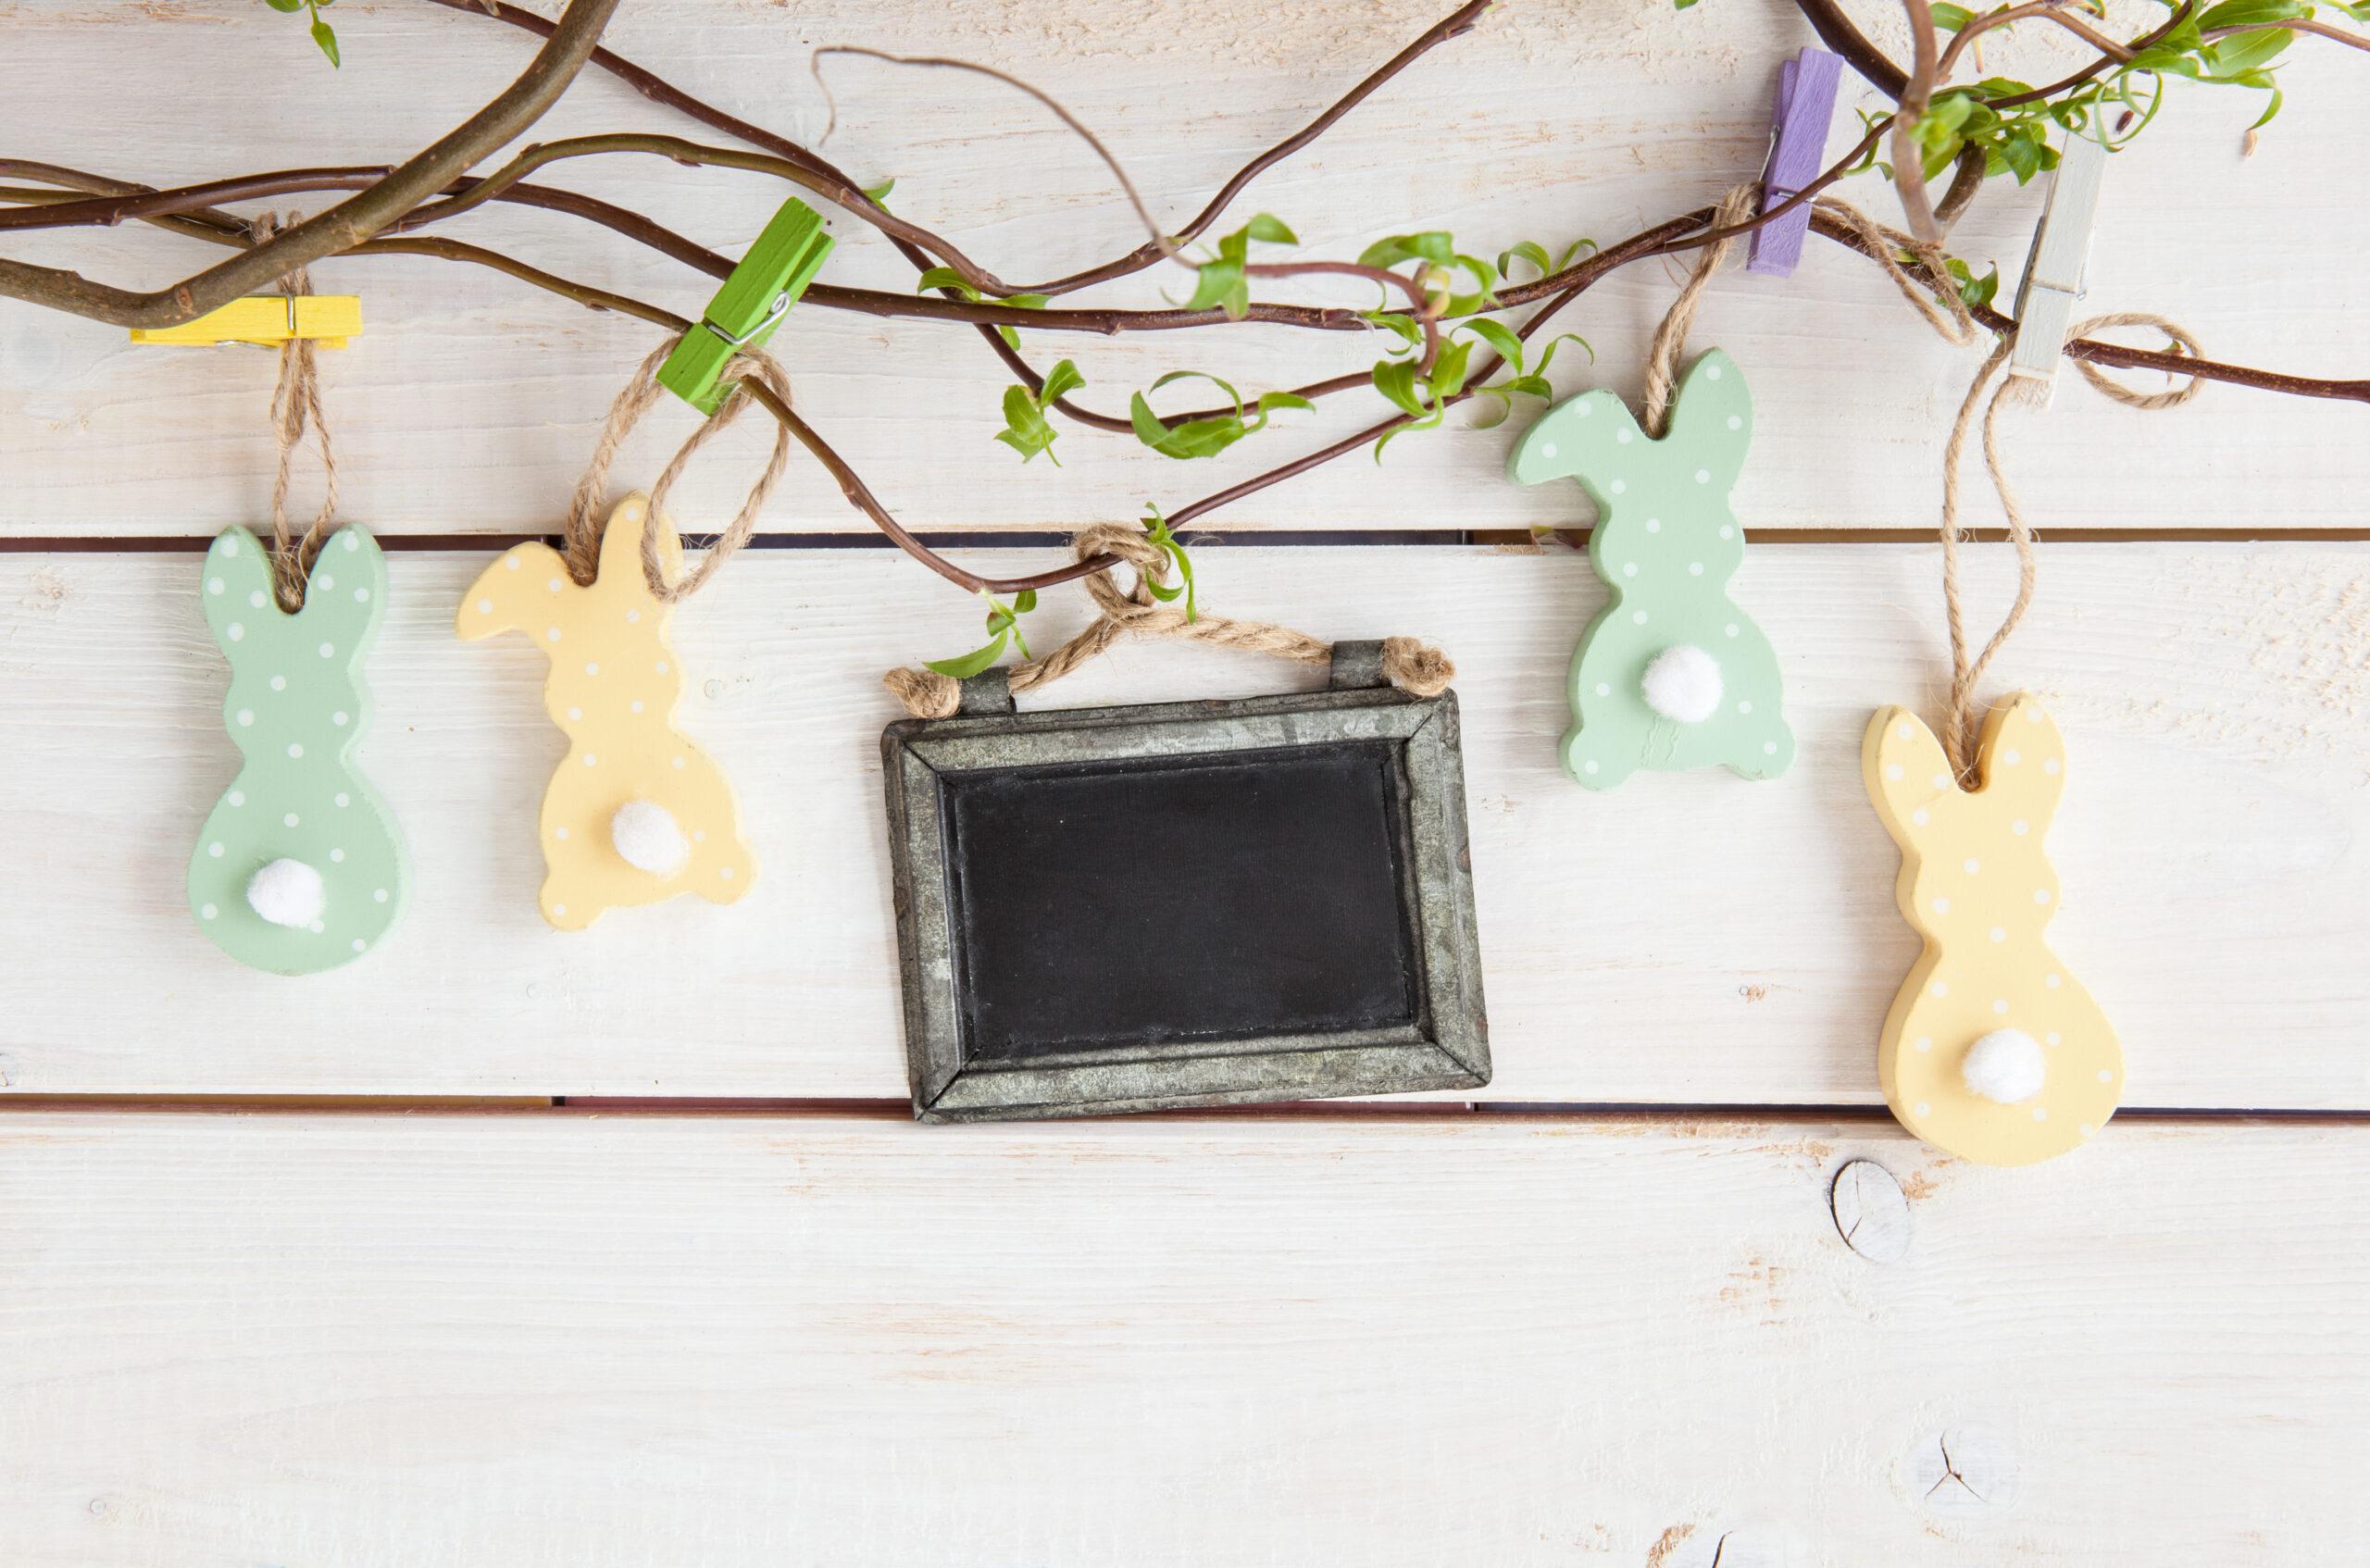 Húsvéti dekoráció ablakba